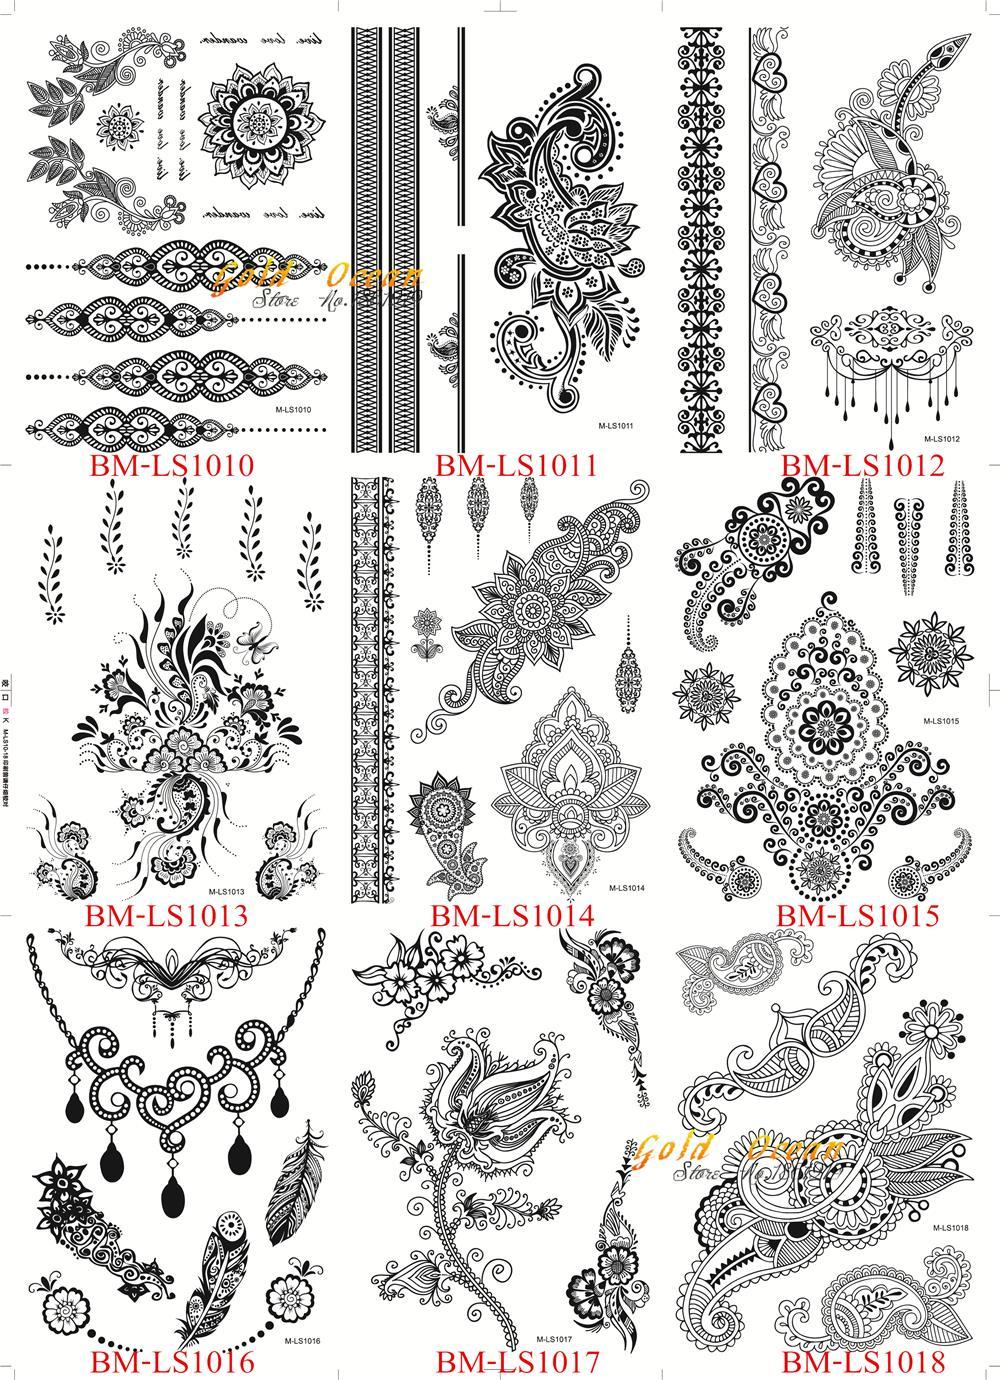 25 Styles Sexy dentelle noir henné temporaire tatouage autocollant femmes main bijoux Tatoo pâte imperméable faux corps Art tatouage autocollants